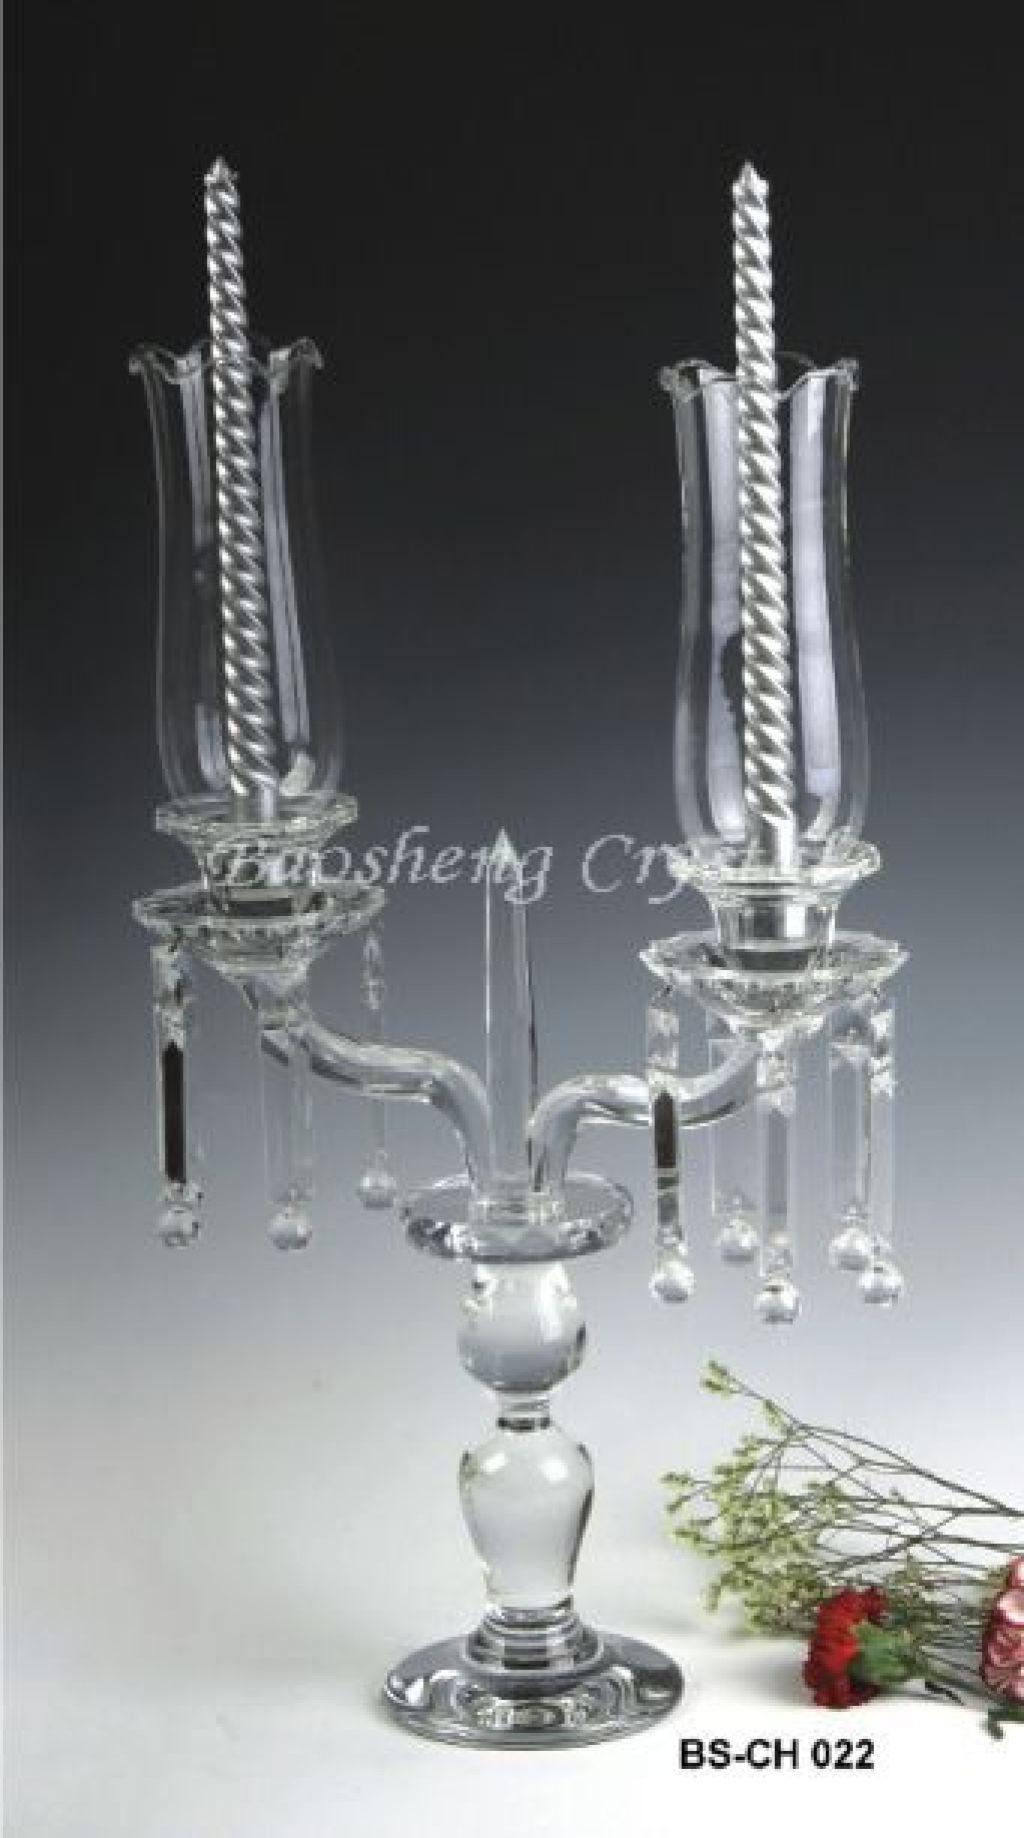 欧式婚礼水晶烛台布置效果图